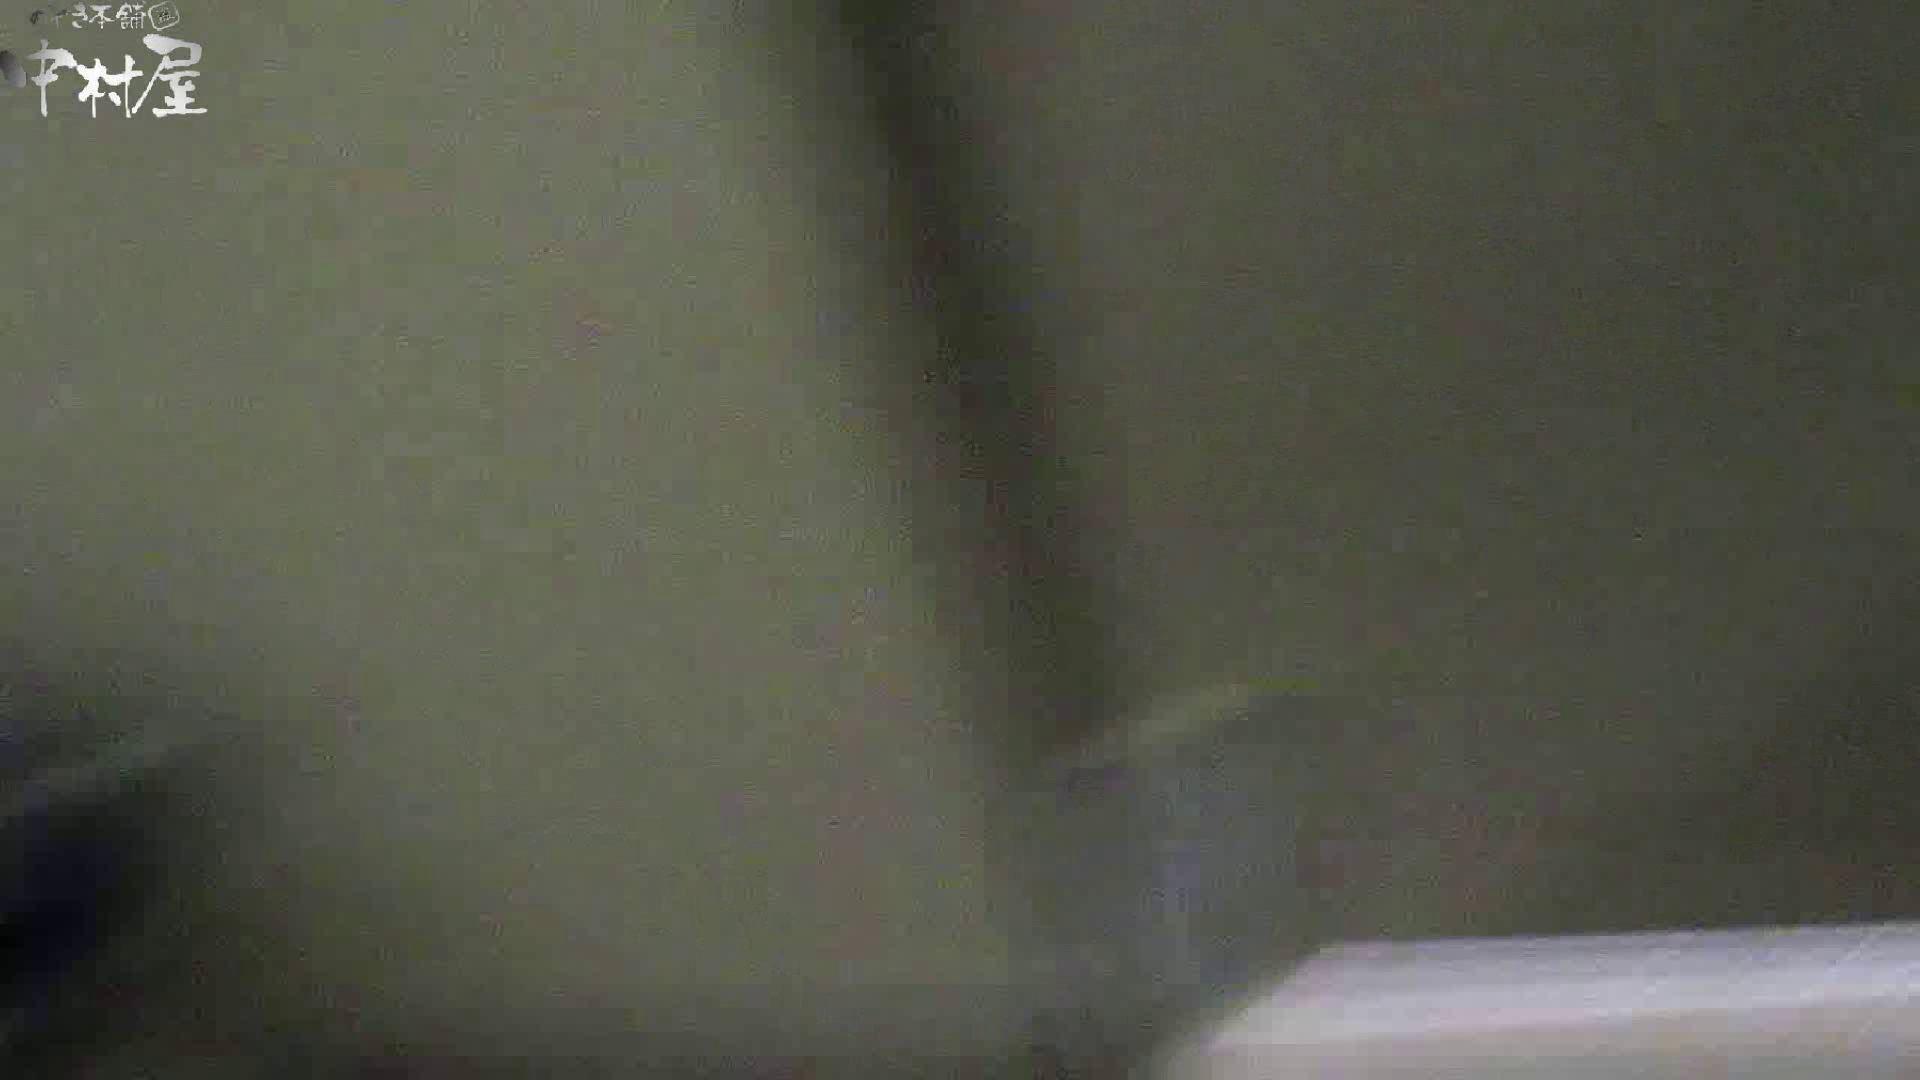 魂のかわや盗撮62連発! 中腰でオマンコパカァ~ 44発目! 黄金水 AV無料動画キャプチャ 11枚 3